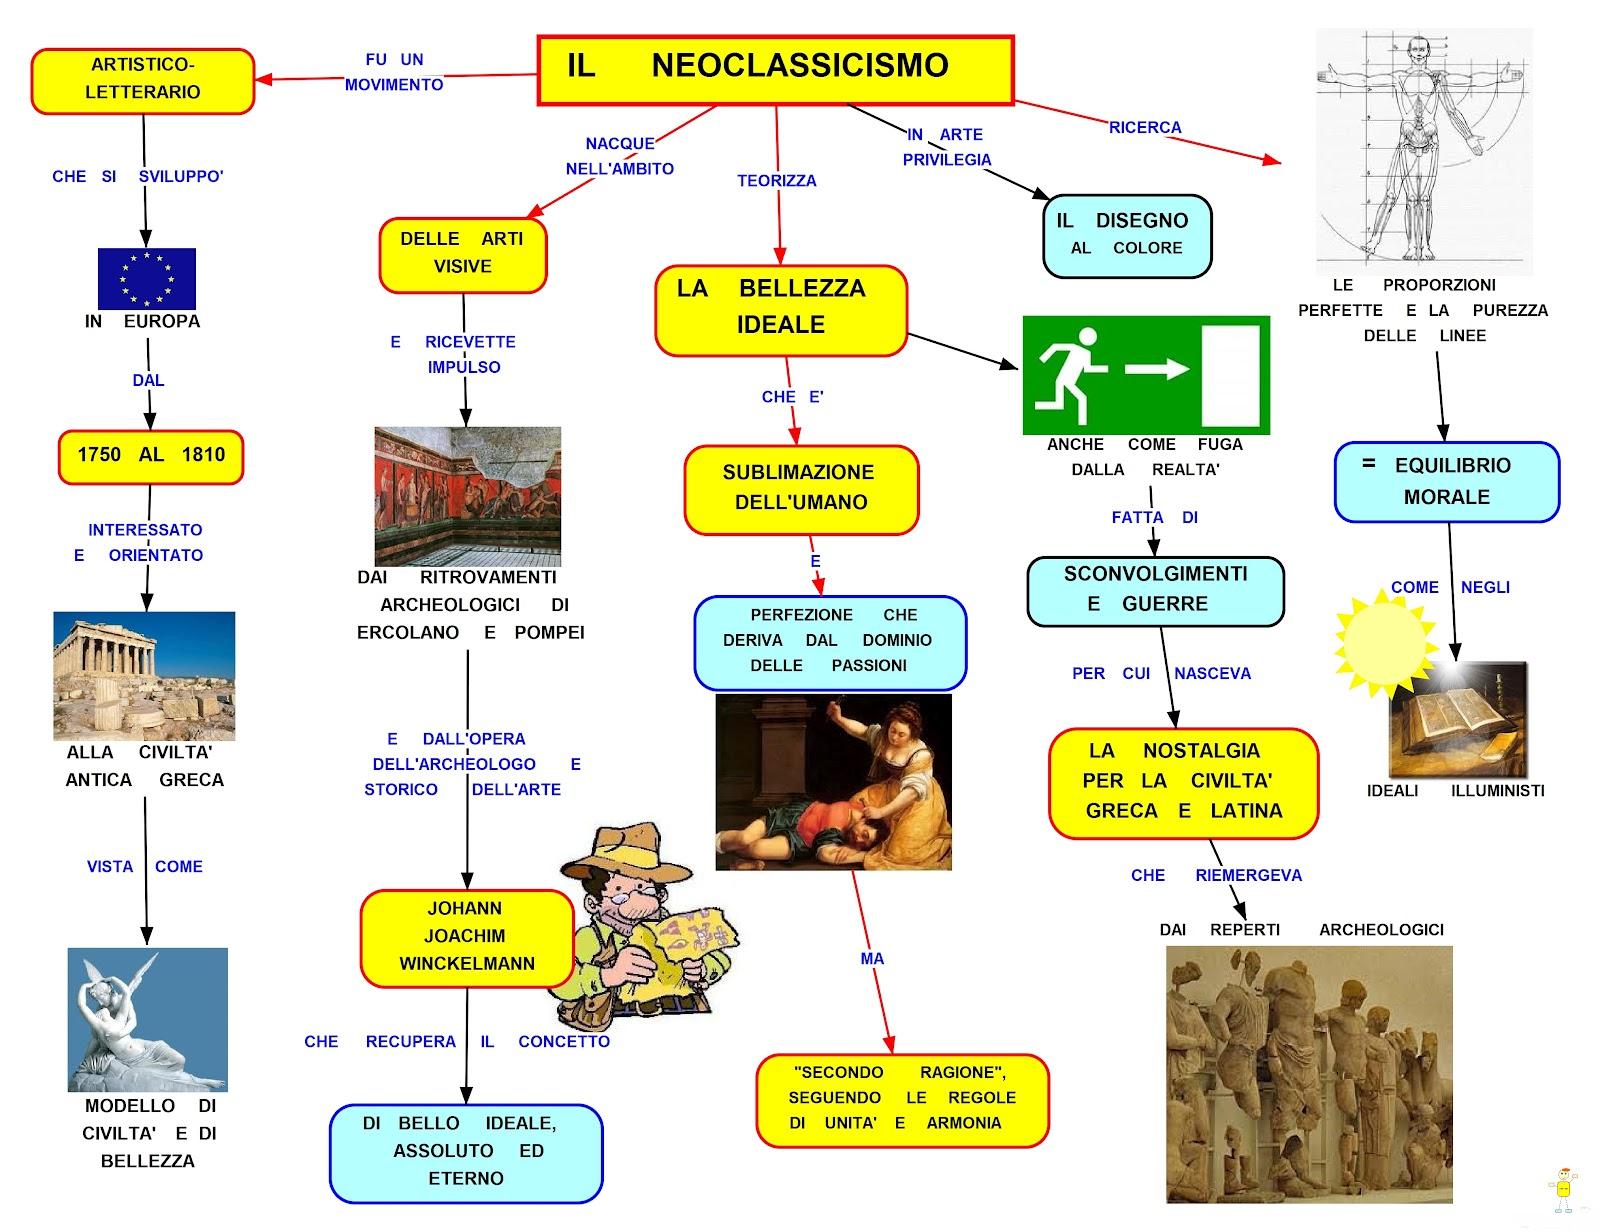 MAPPER NEOCLASSICISMO